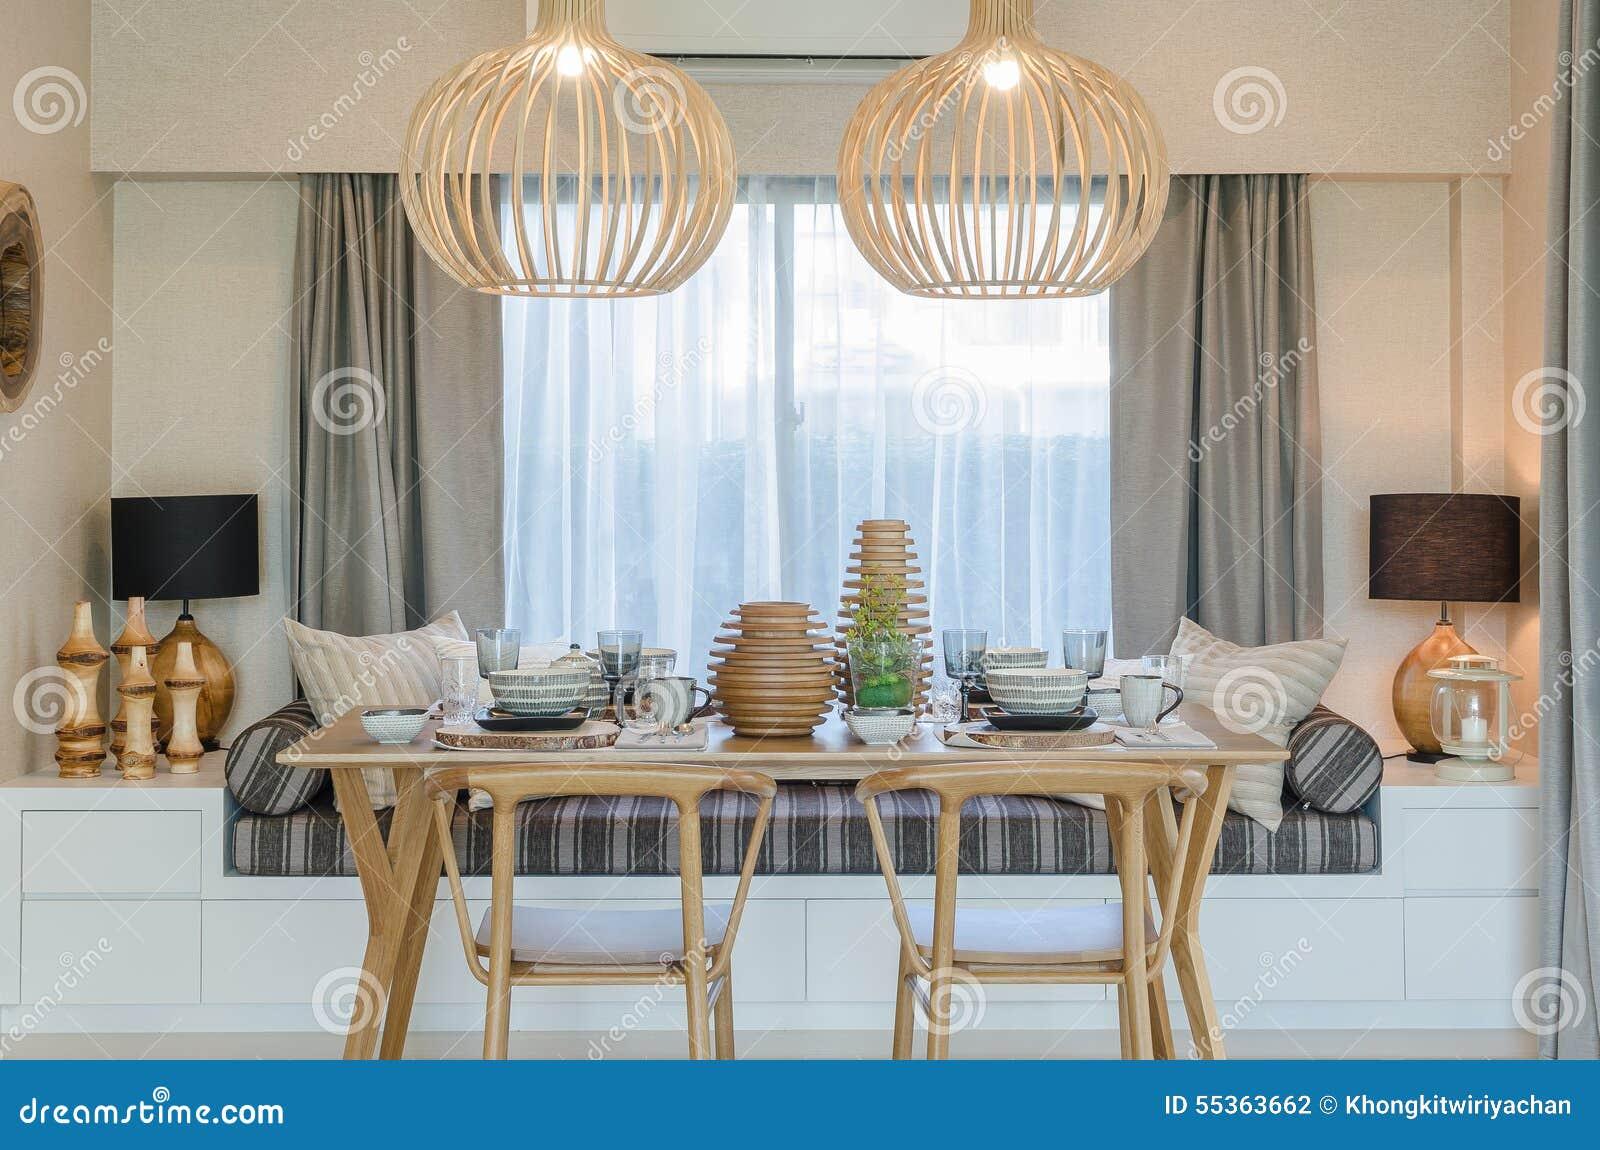 Holztisch Und Stuhl Im Modernen Dinning Raum Stockfoto Bild Von Raum Holztisch 55363662